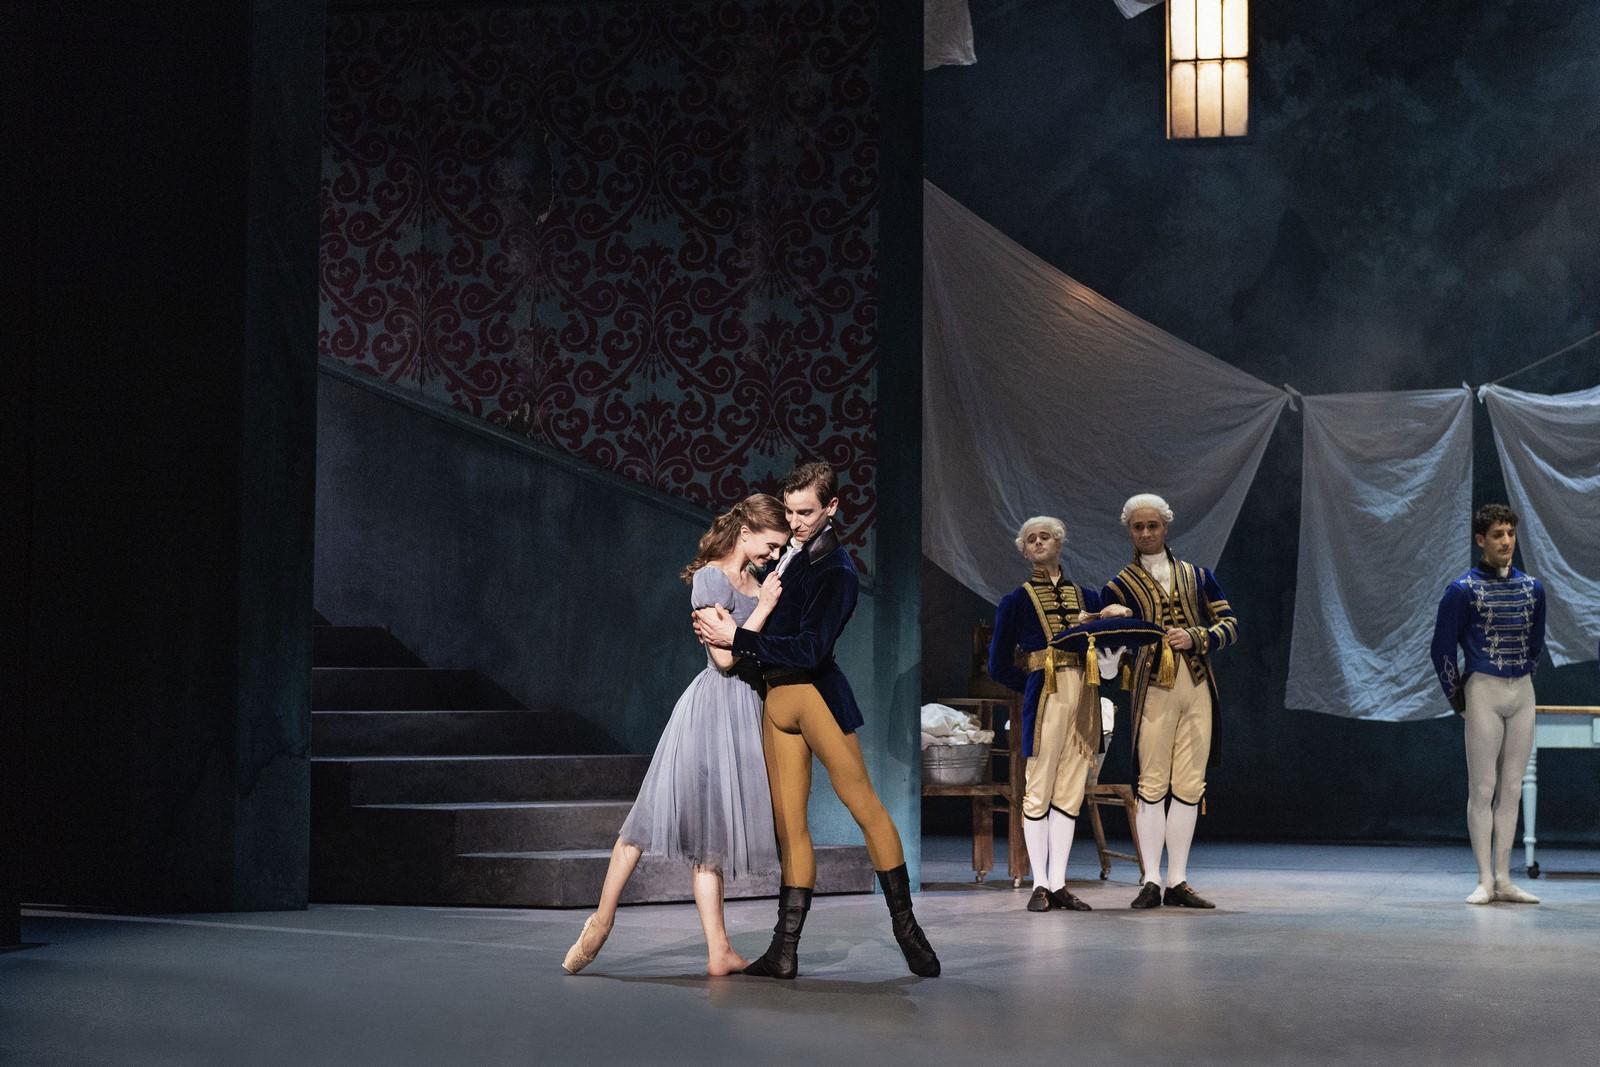 Anmeldelse: Askepot, Det Kongelige Teater